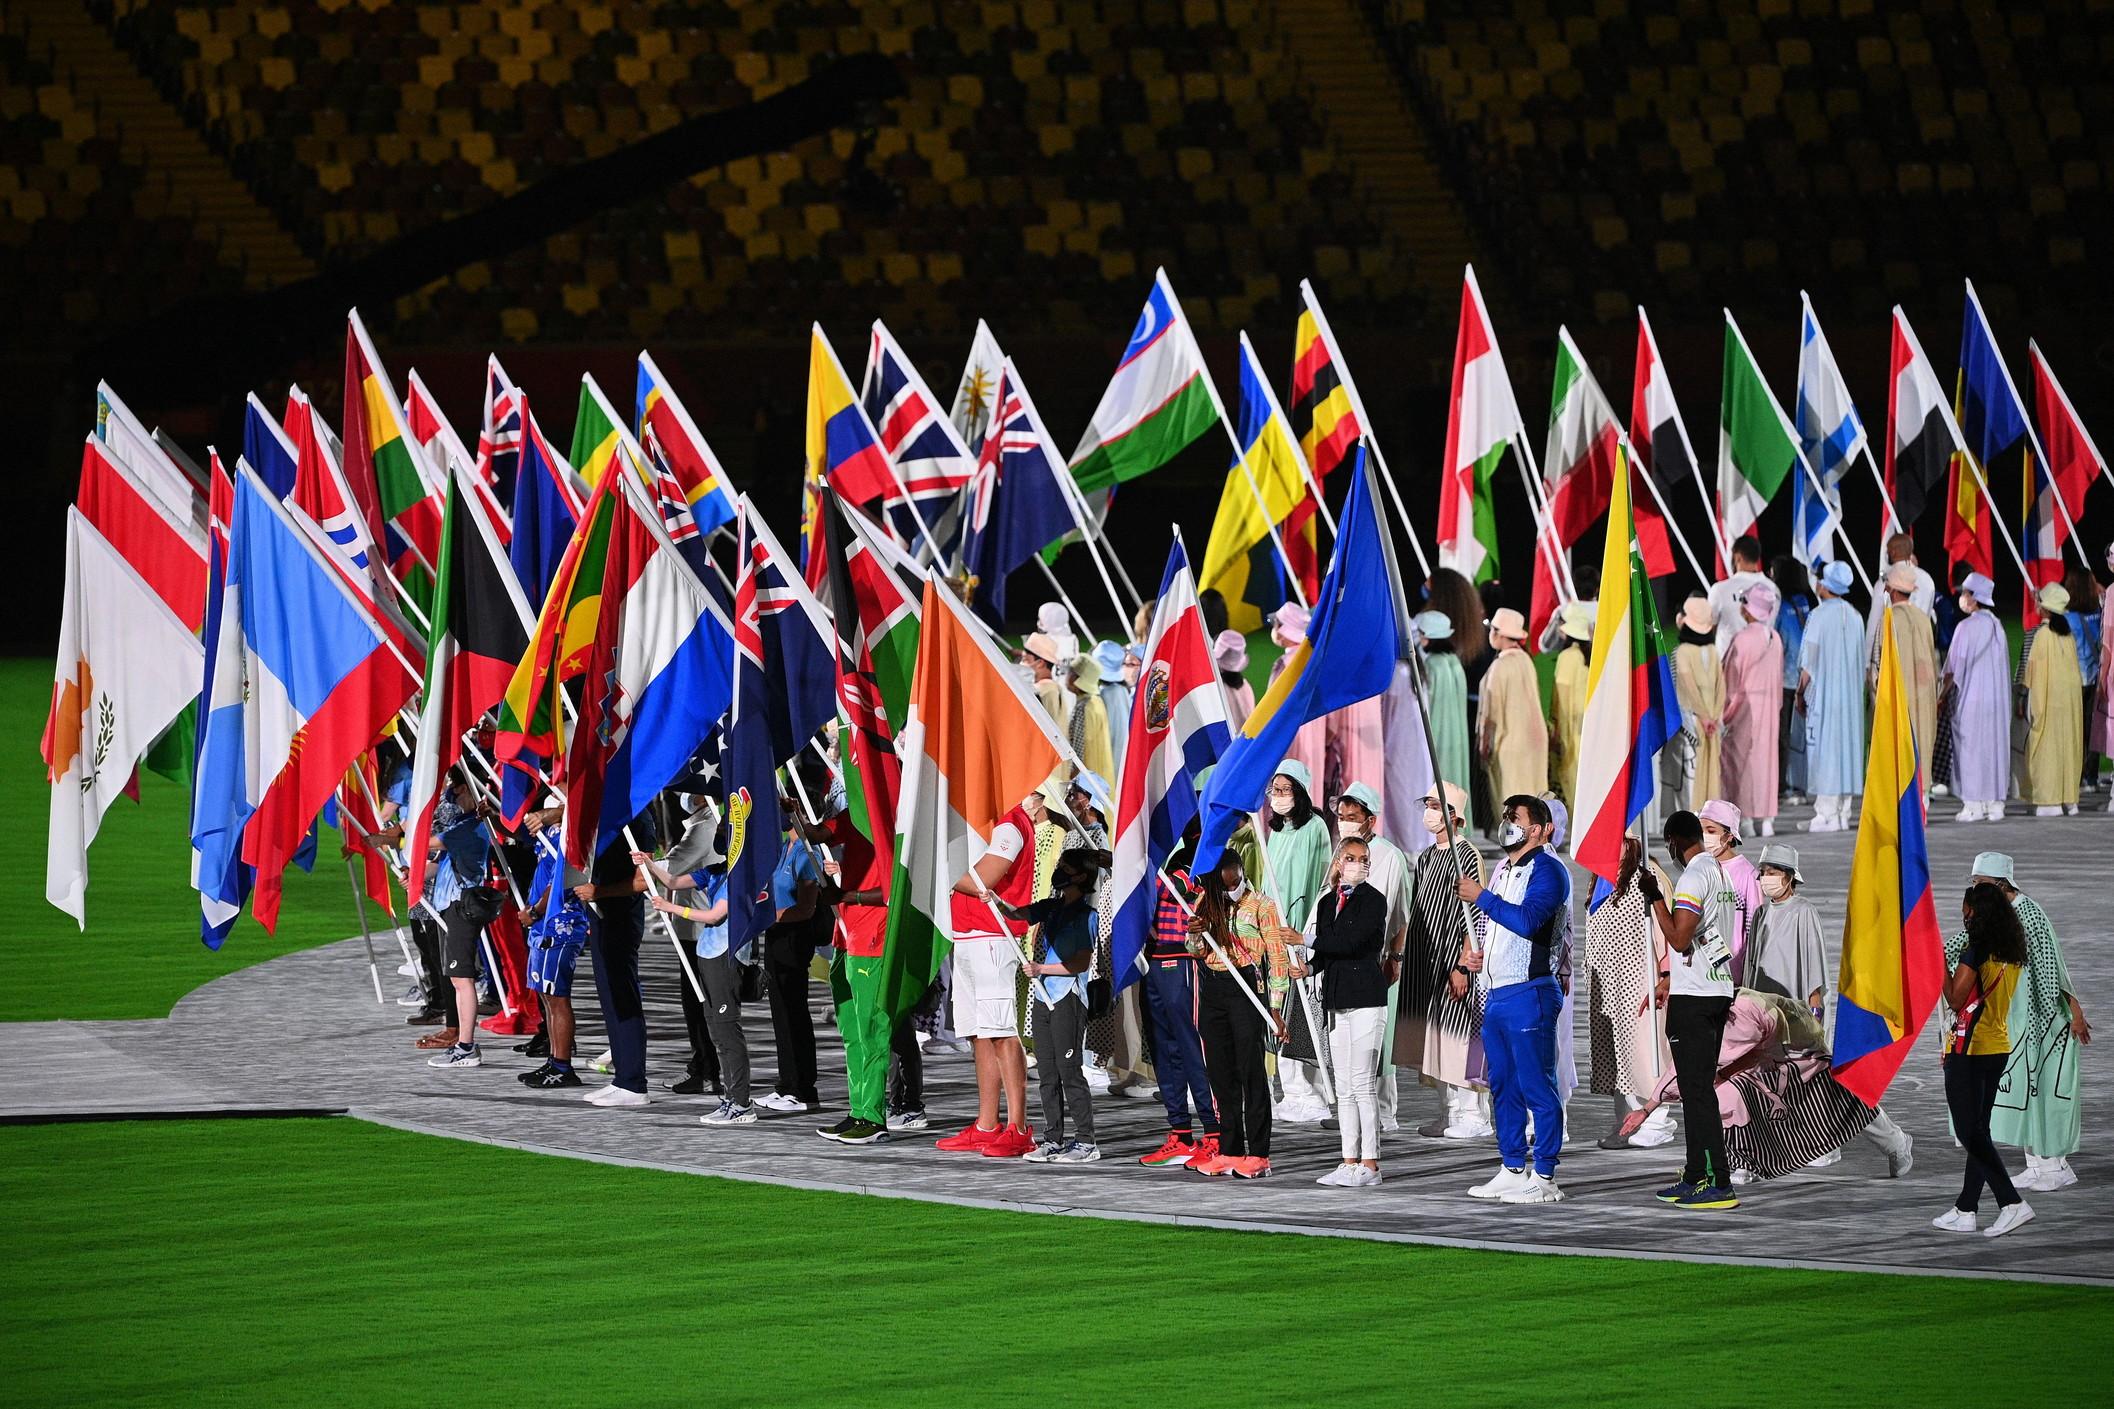 &Egrave; stato Marcell Jacobs il portabandiera dell&#39;Italia alla cerimonia di chiusura dei Giochi di Tokyo 2020 attualmente in corso. Mascherina in volto e tuta bianca disegnata da Giorgio Armani, la medaglia d&#39;oro azzurra dei 100 metri e della staffetta 4x100 &egrave;&nbsp;entrato nello stadio Olimpico sventolando il tricolore.&nbsp;I portabandiera, senza delegazioni al seguito, una volta entrati nello stadio si sono tutti schierati in un grande cerchio al centro dello stadio. Solo successivamente sono entrati gli atleti dei vari paesi, tutti con la bandierina del rispettivo paese.<br /><br />